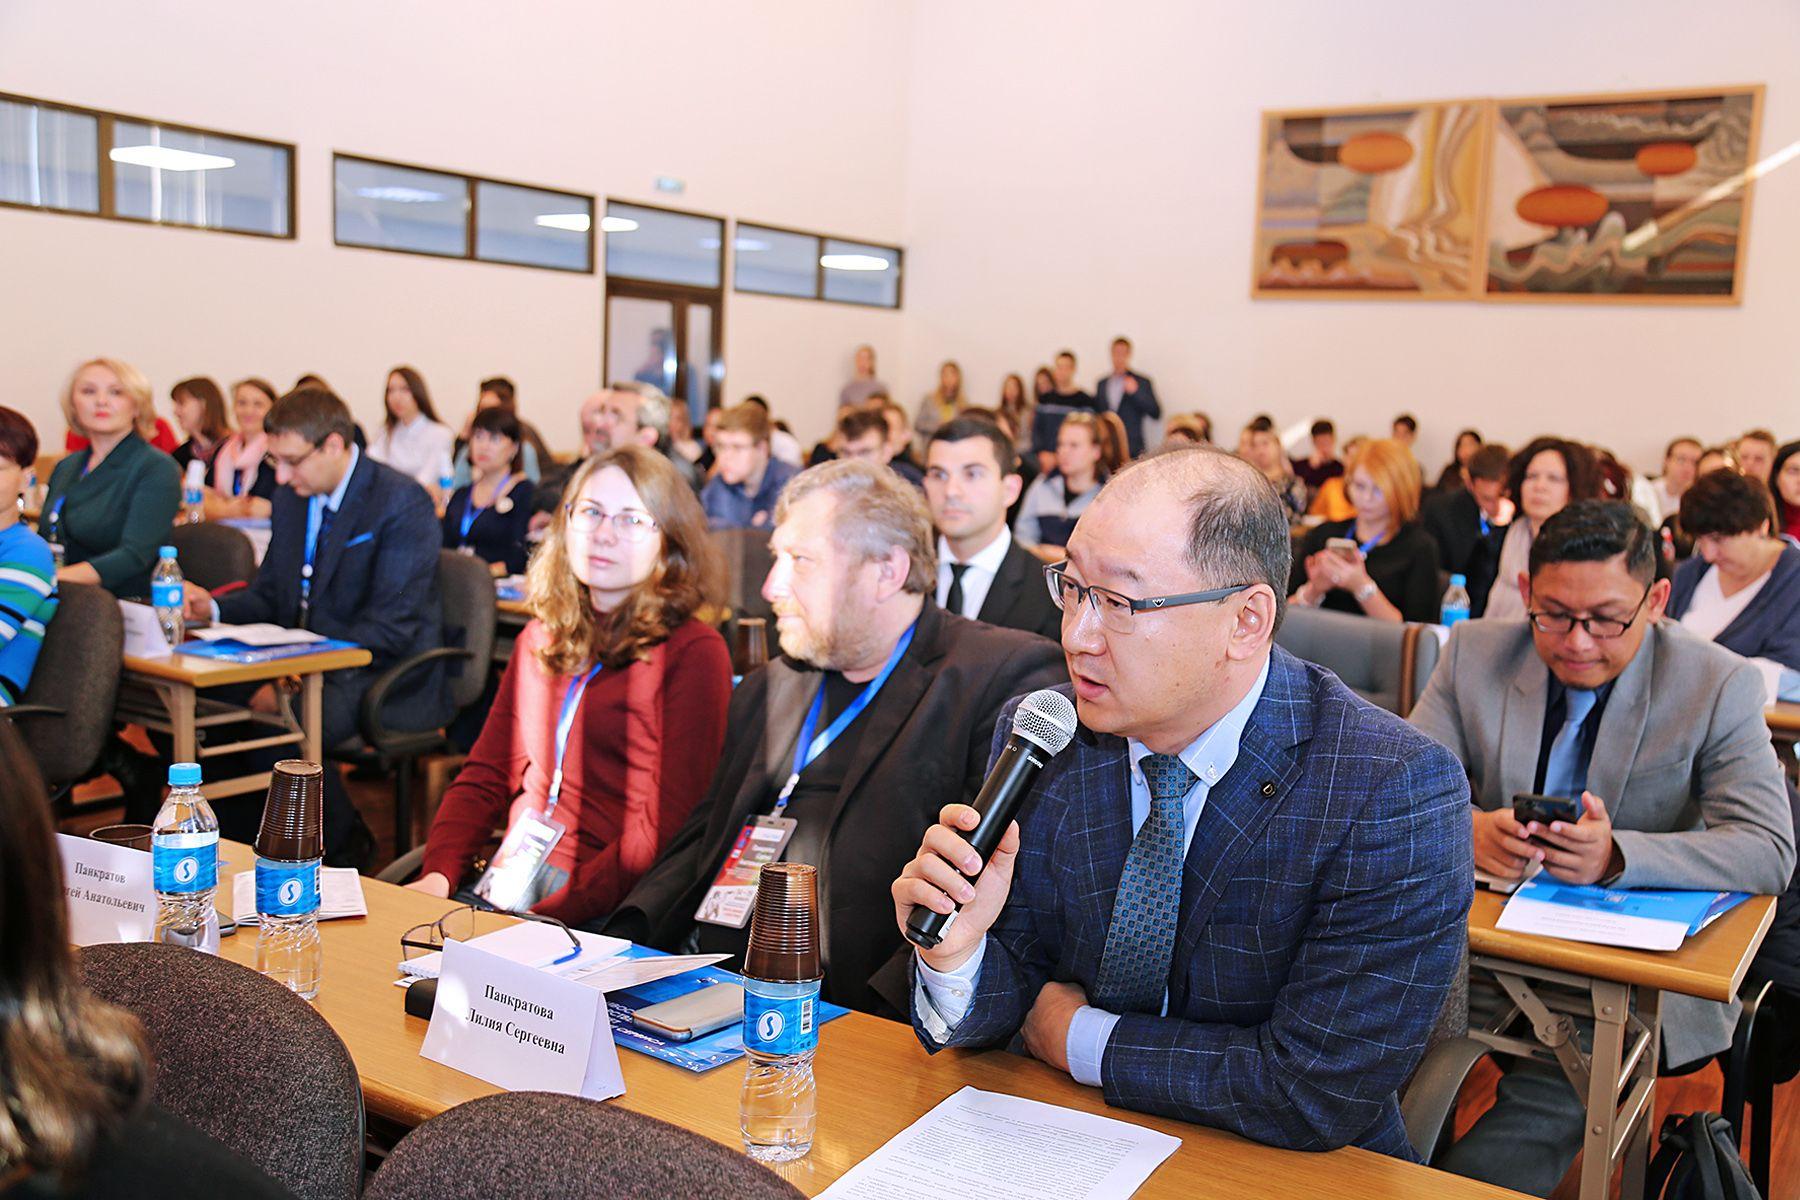 Международная научно-практическая конференция «Экосистема российского предпринимательства в контексте устойчивого социально-экономического развития Российской Федерации»